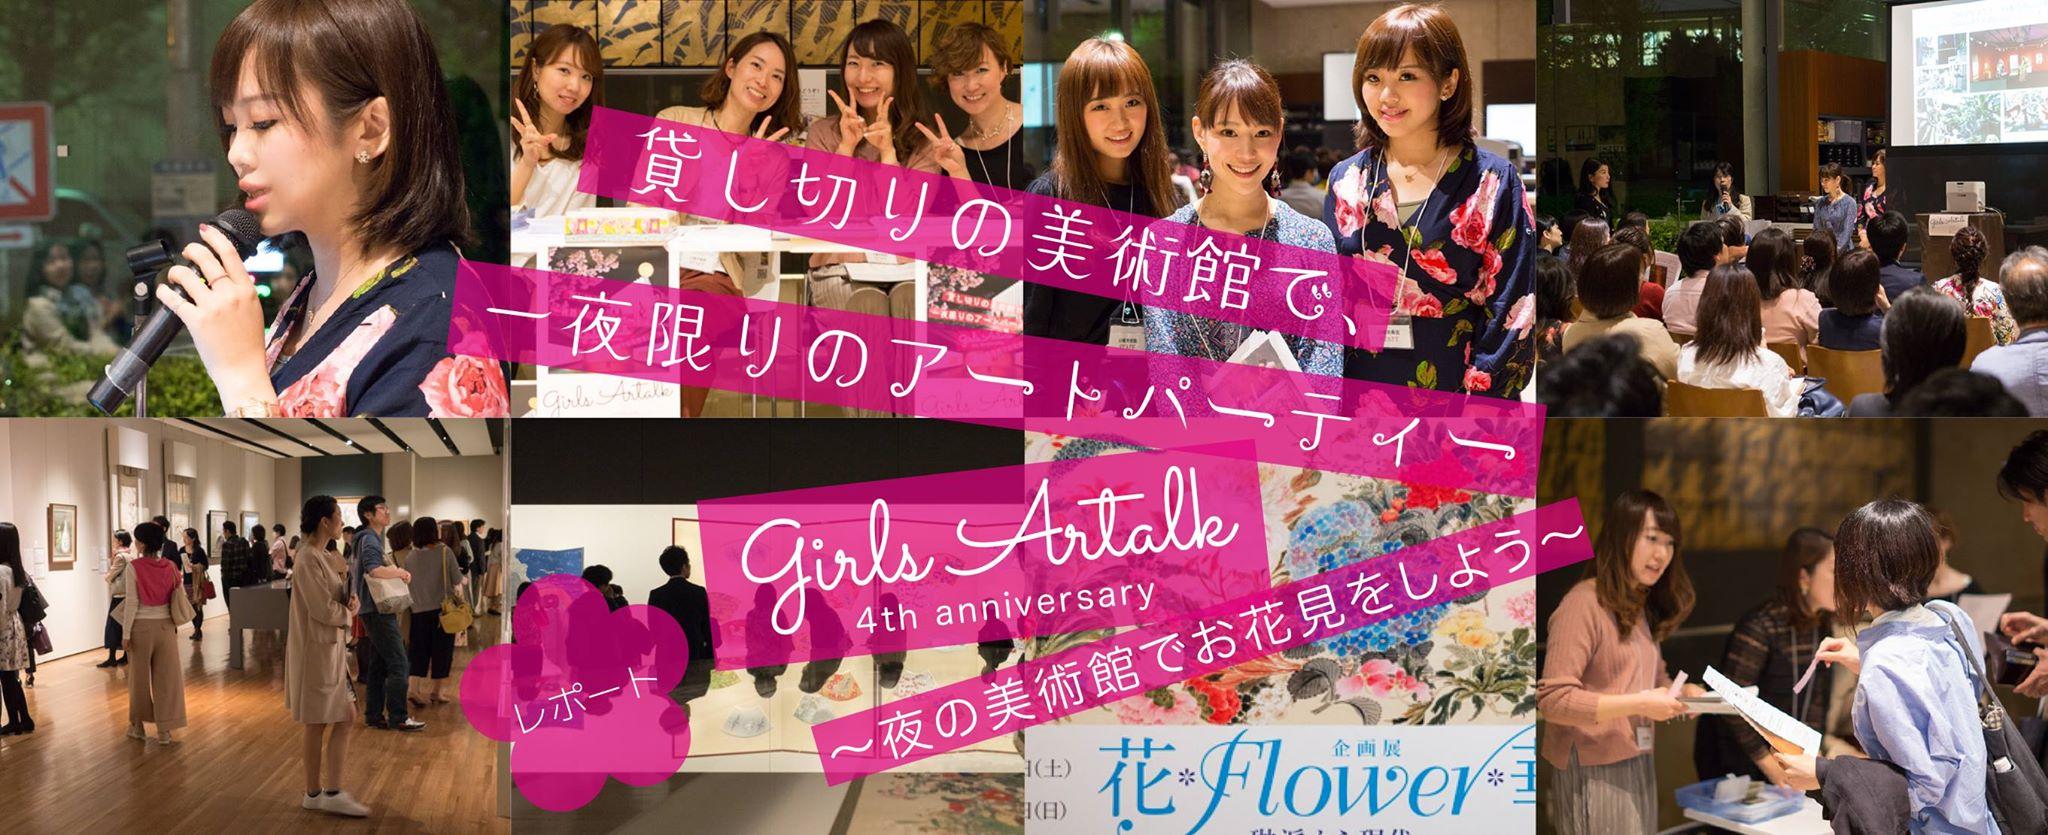 girlsArtalk4周年記念★山種美術館貸し切りイベントレポート!